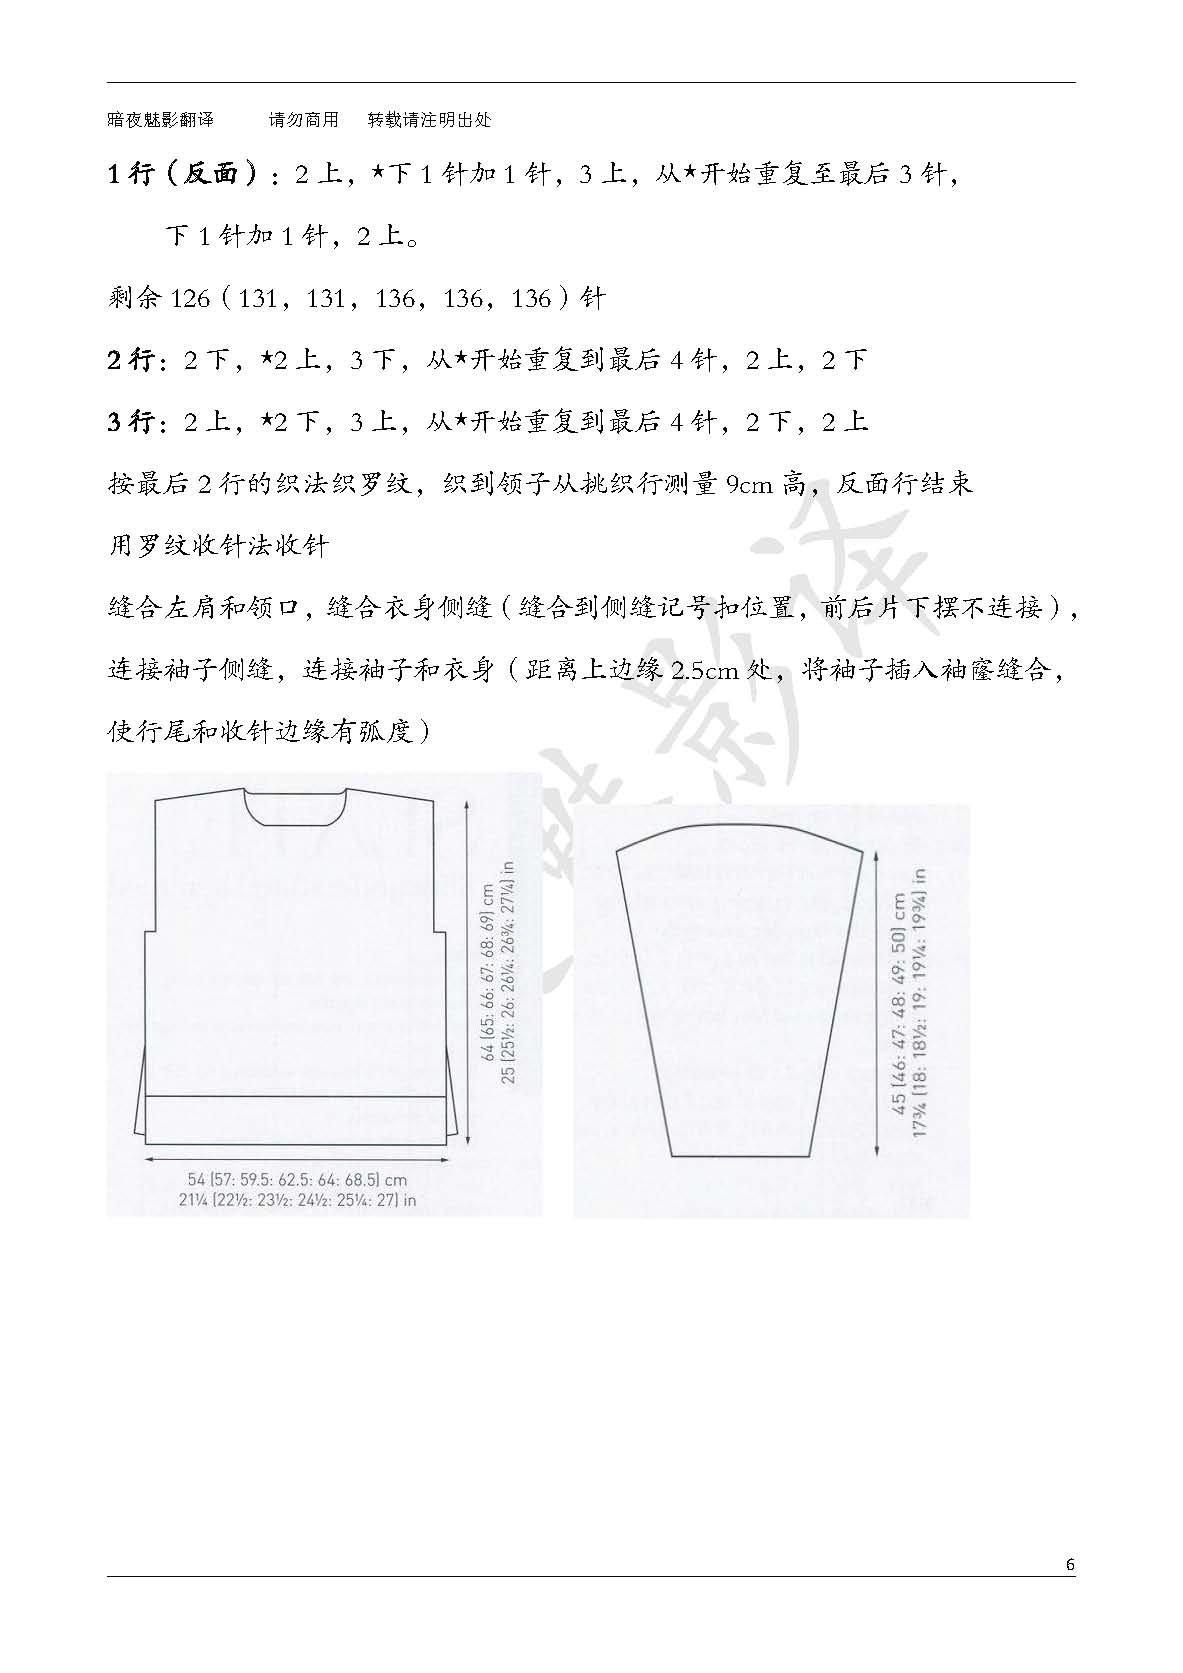 水木年华_页面_6.jpg